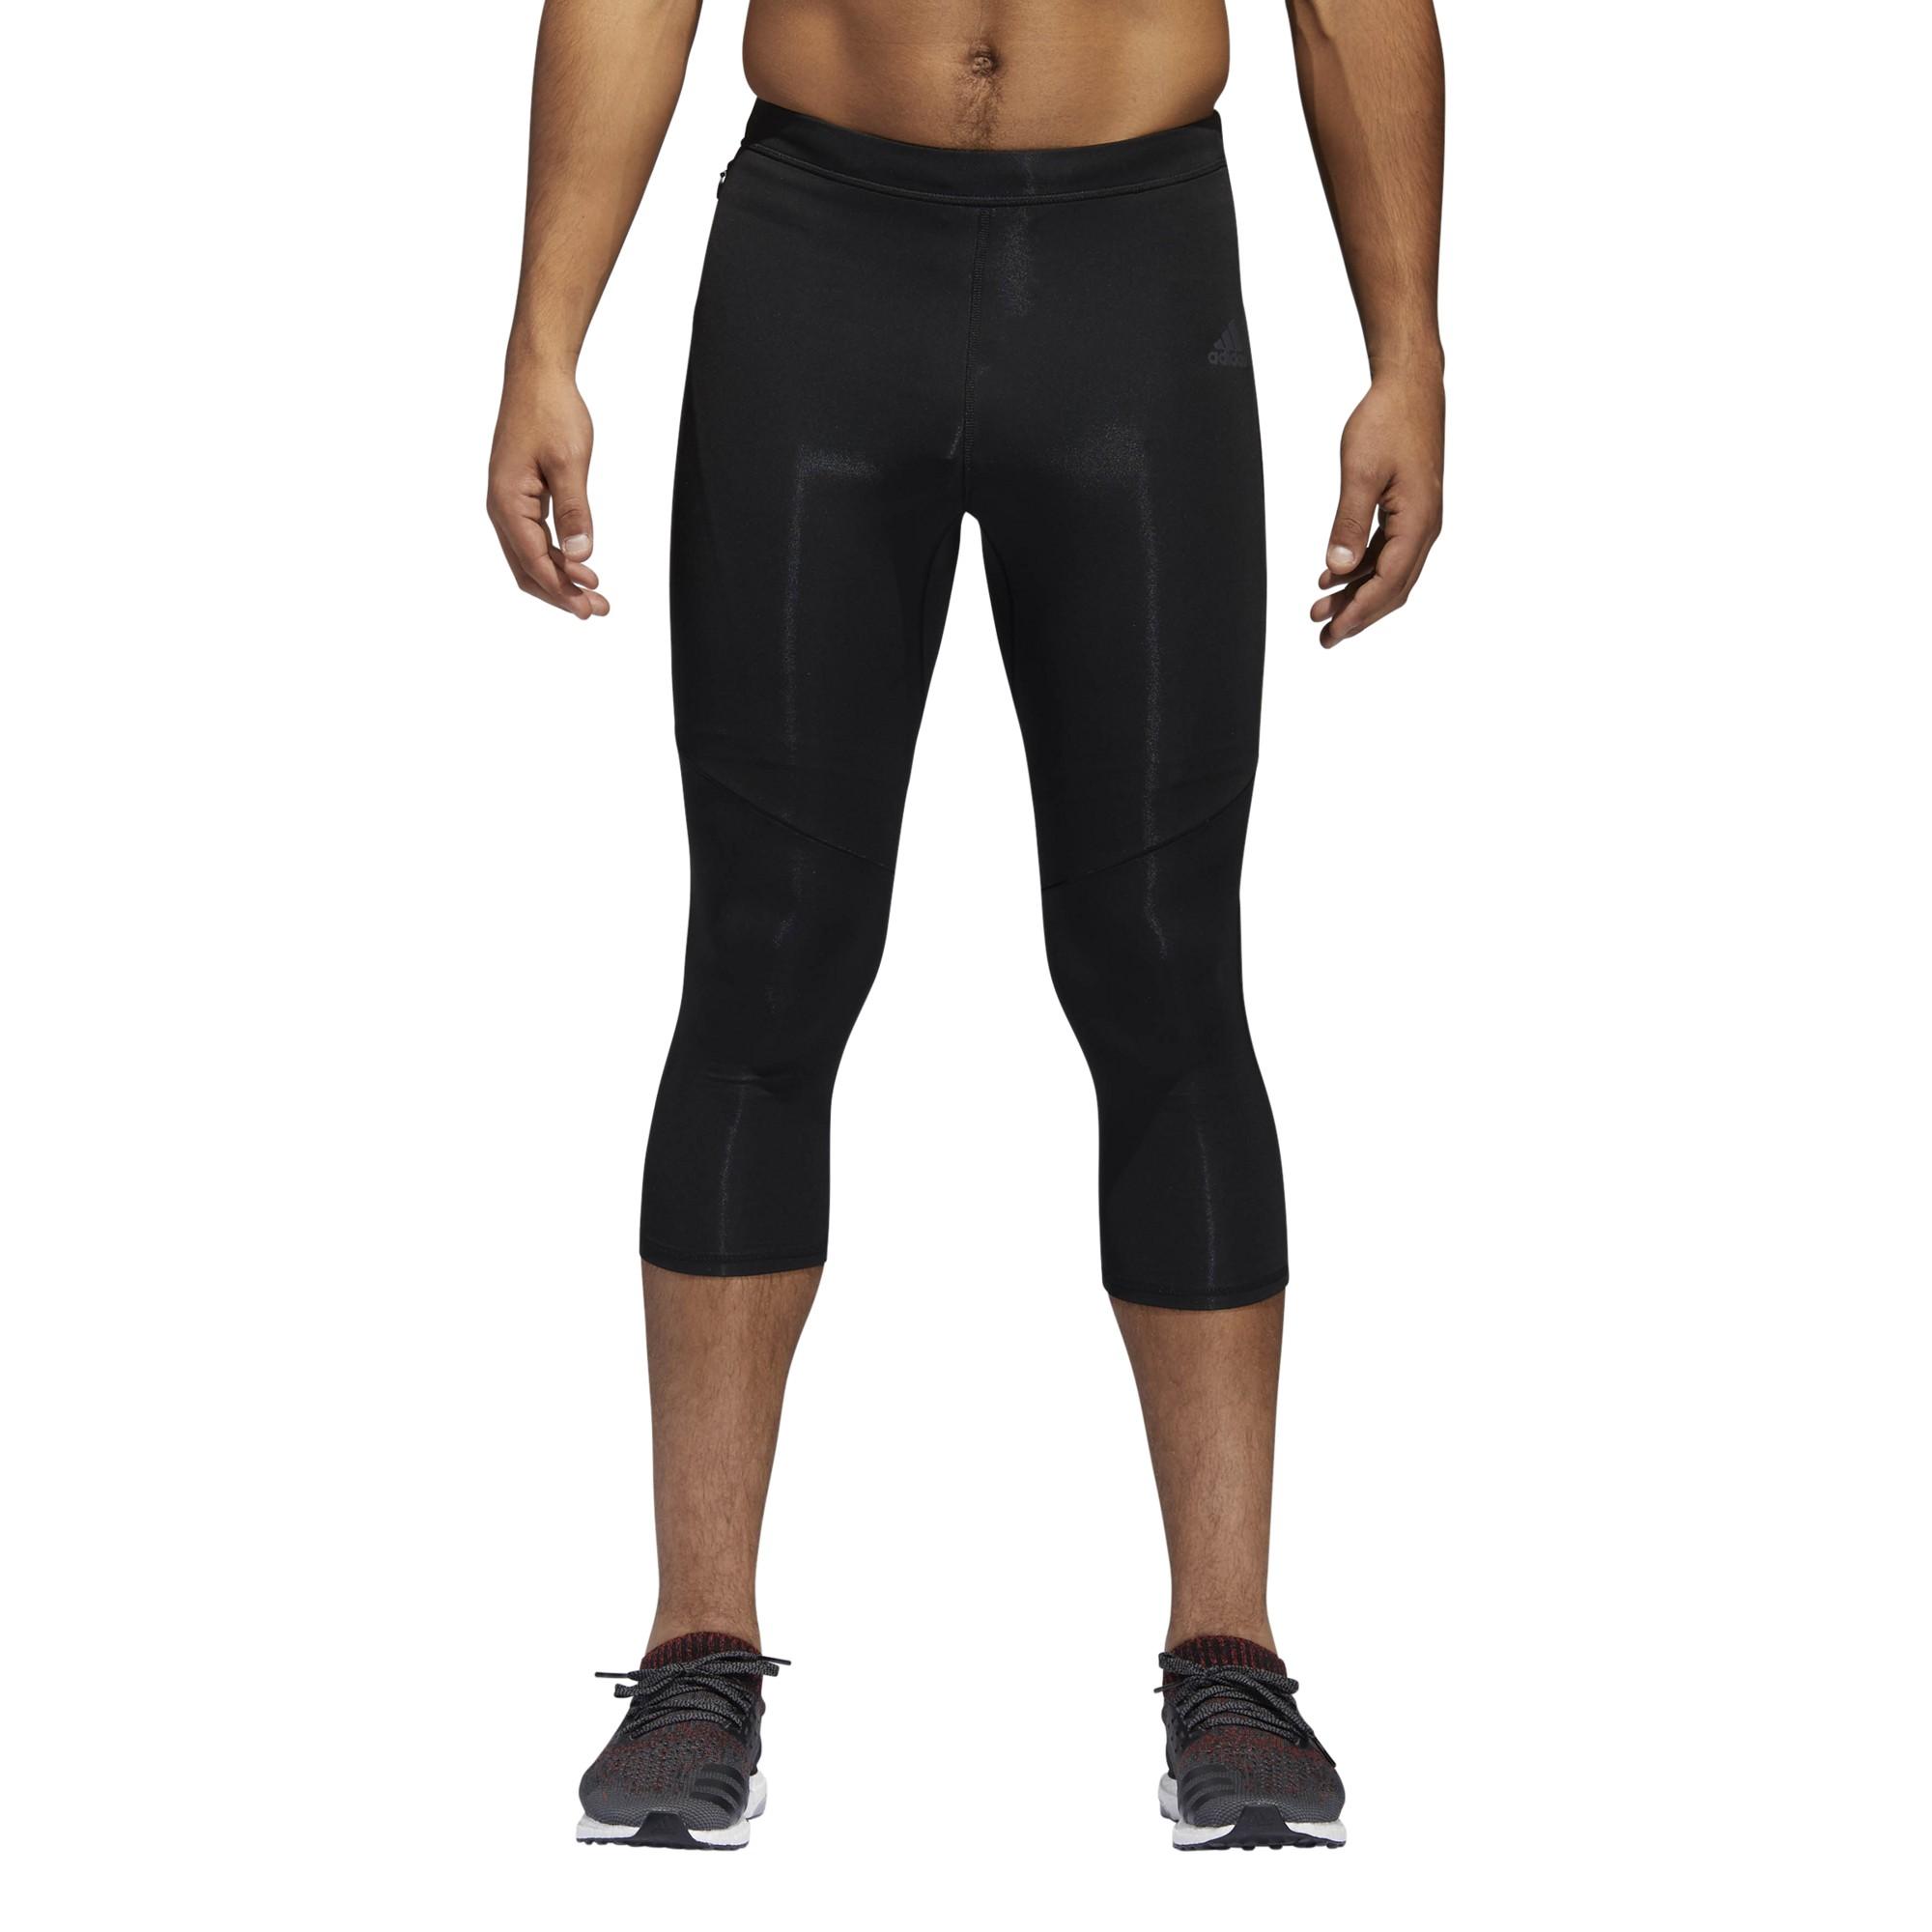 running ADIDAS tight 34 running response bianco nero donna